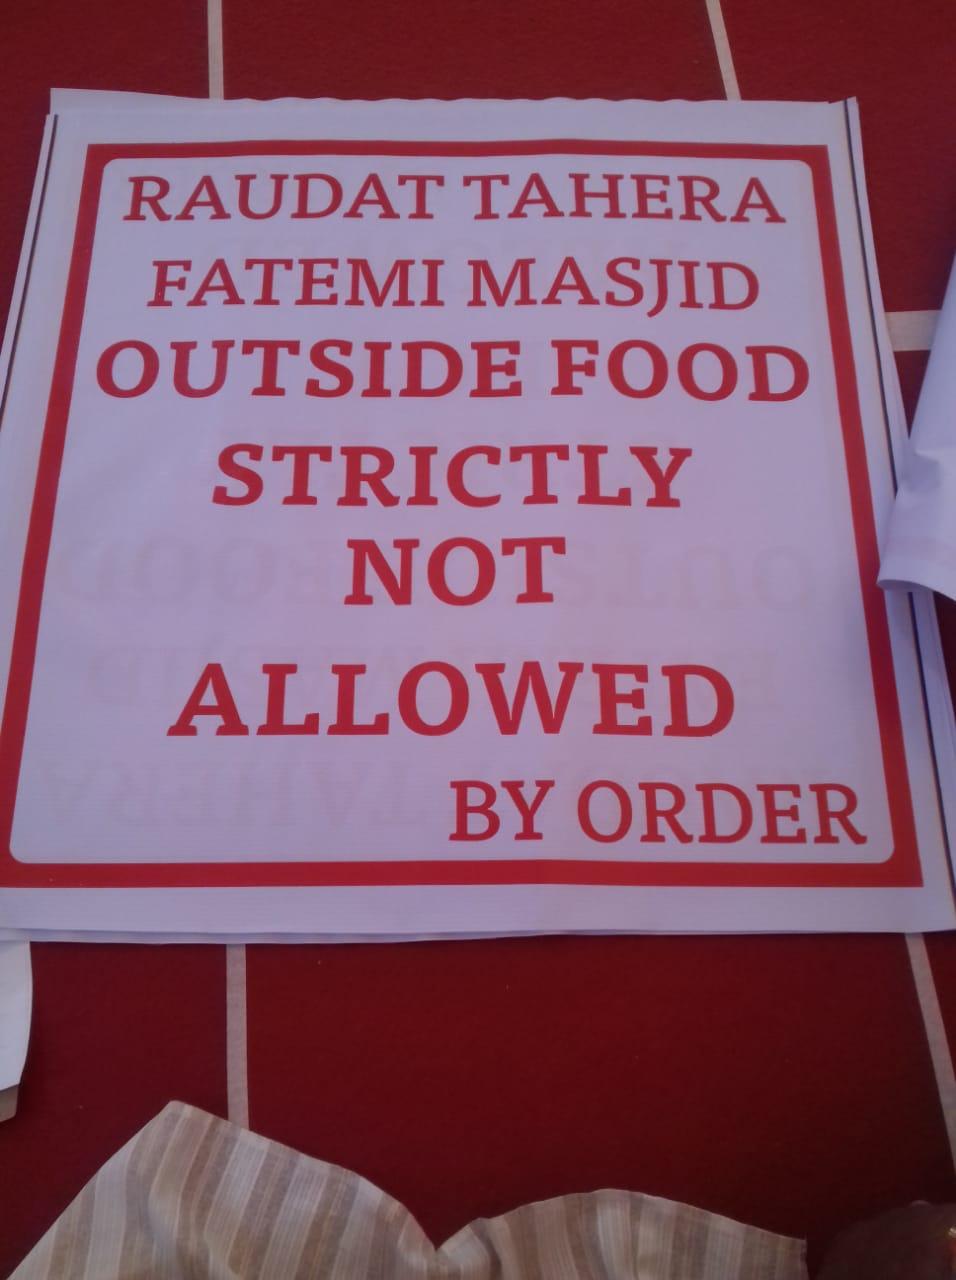 बोहरा समुदाय का तुगलक़ी फरमान , बाहर का खाना लेकिर मस्जिद में न घुसने पाए अवाम